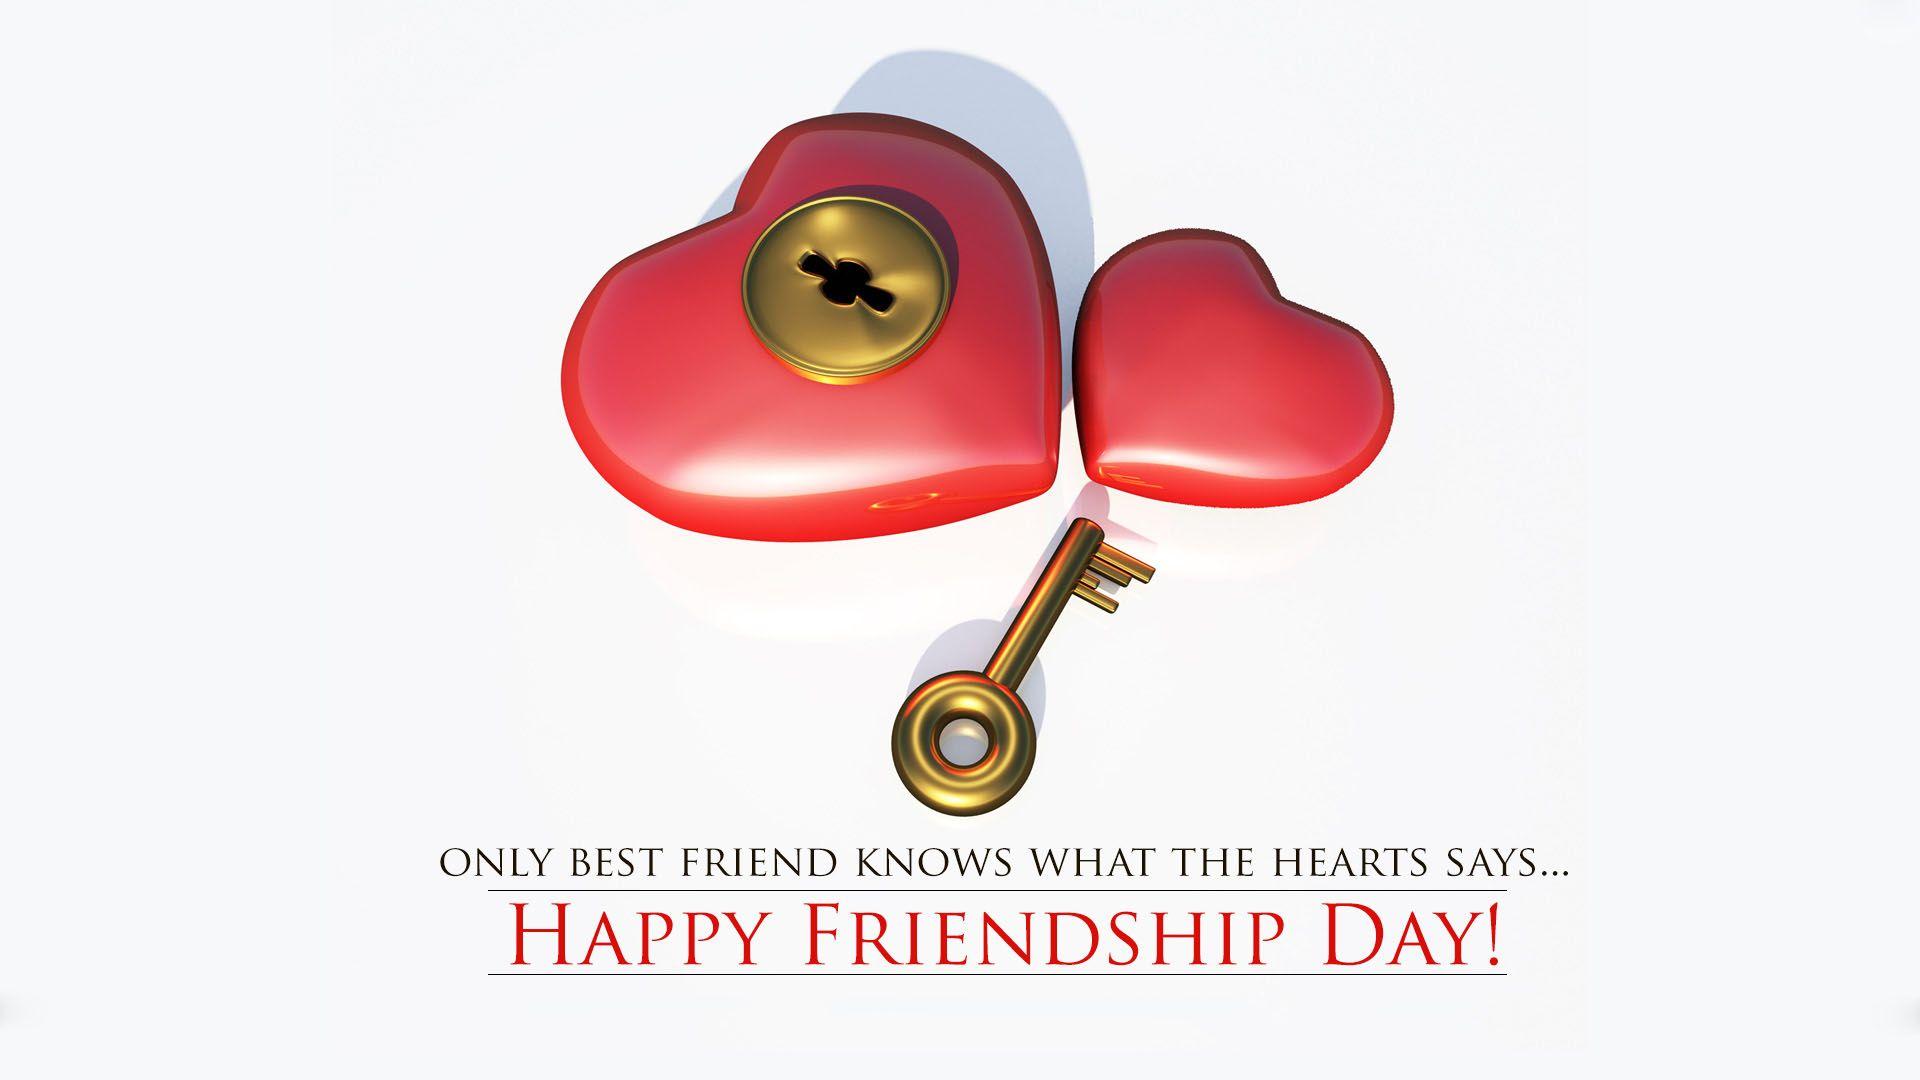 Happy Friendship Day Desktop Background High Resolution Friendship Day Wallpaper Happy Friendship Day Happy Friends Day